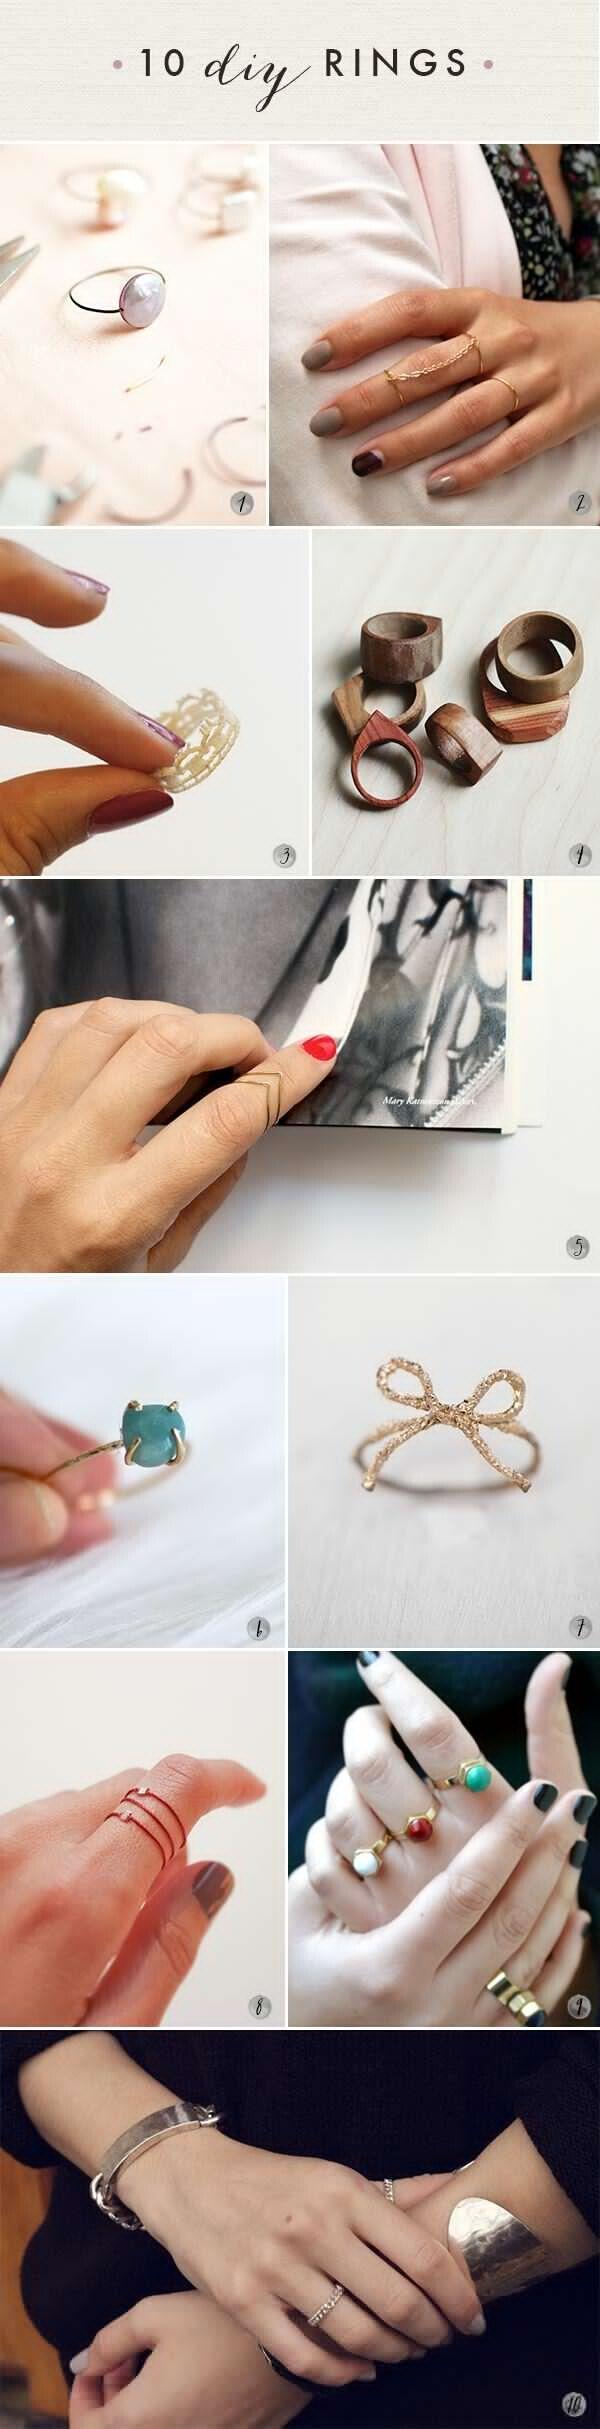 DIY Lovely Rings!